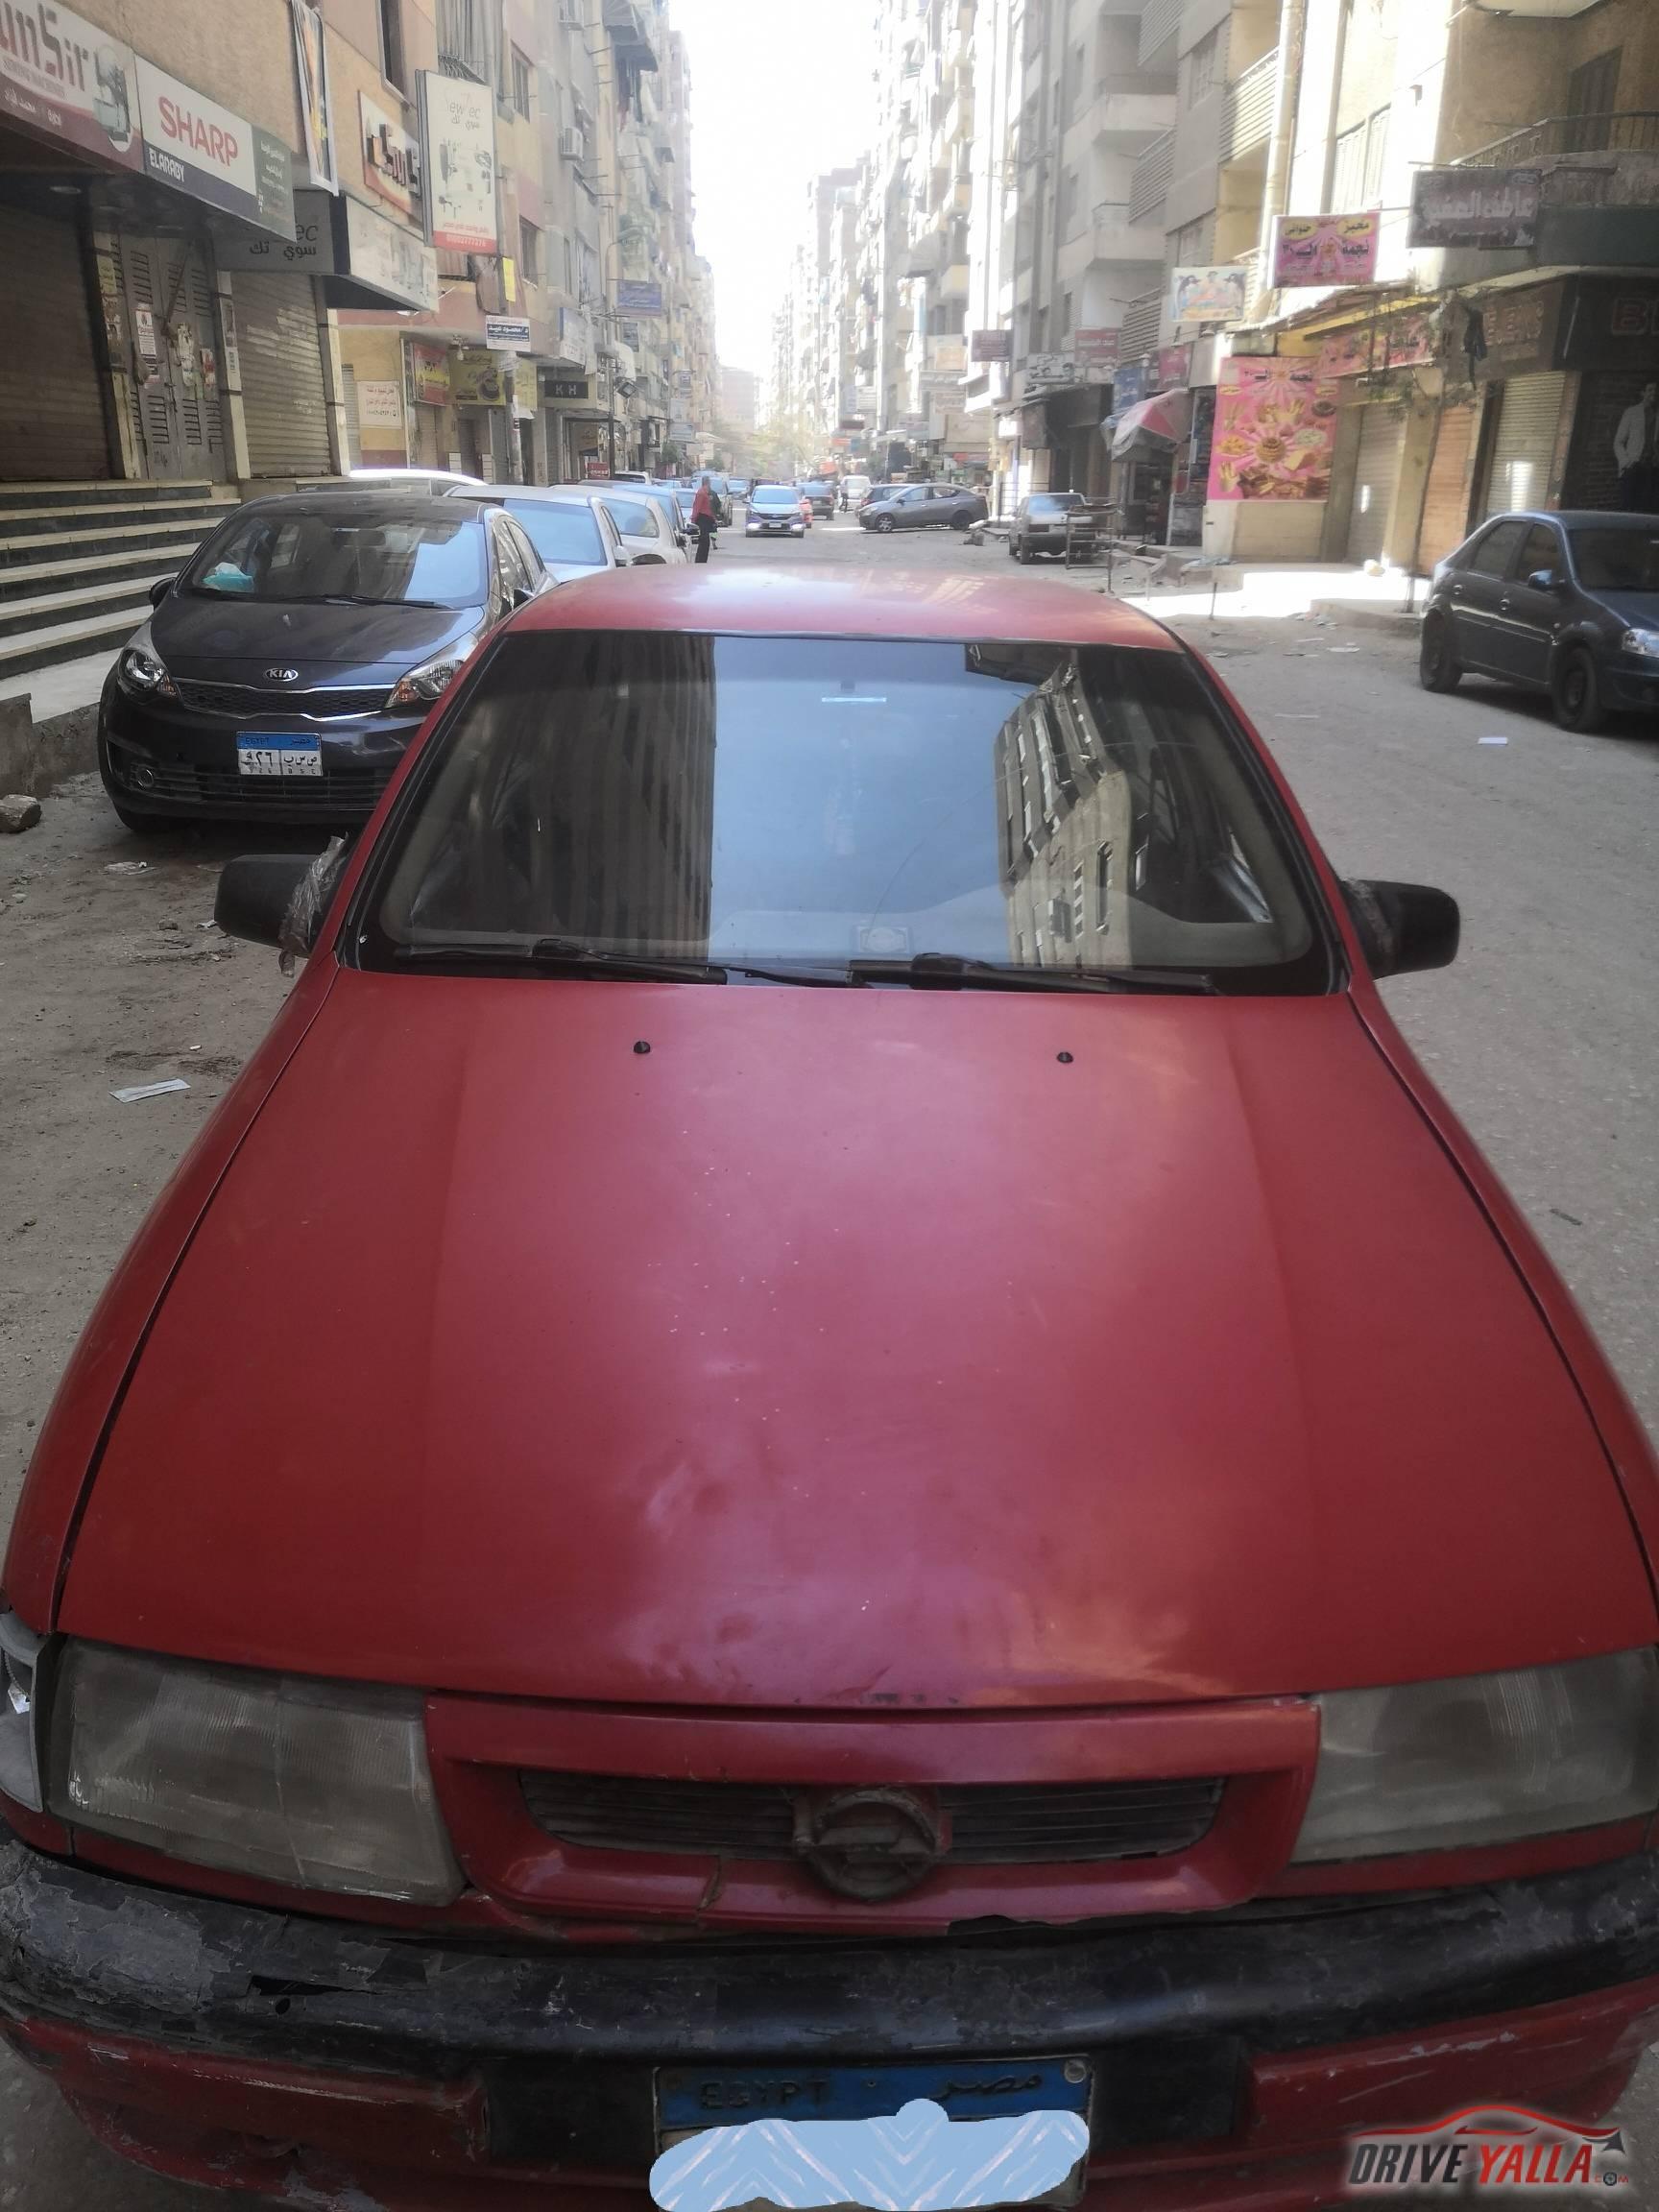 اوبل فيكترا مستعملة للبيع فى مصر 1994